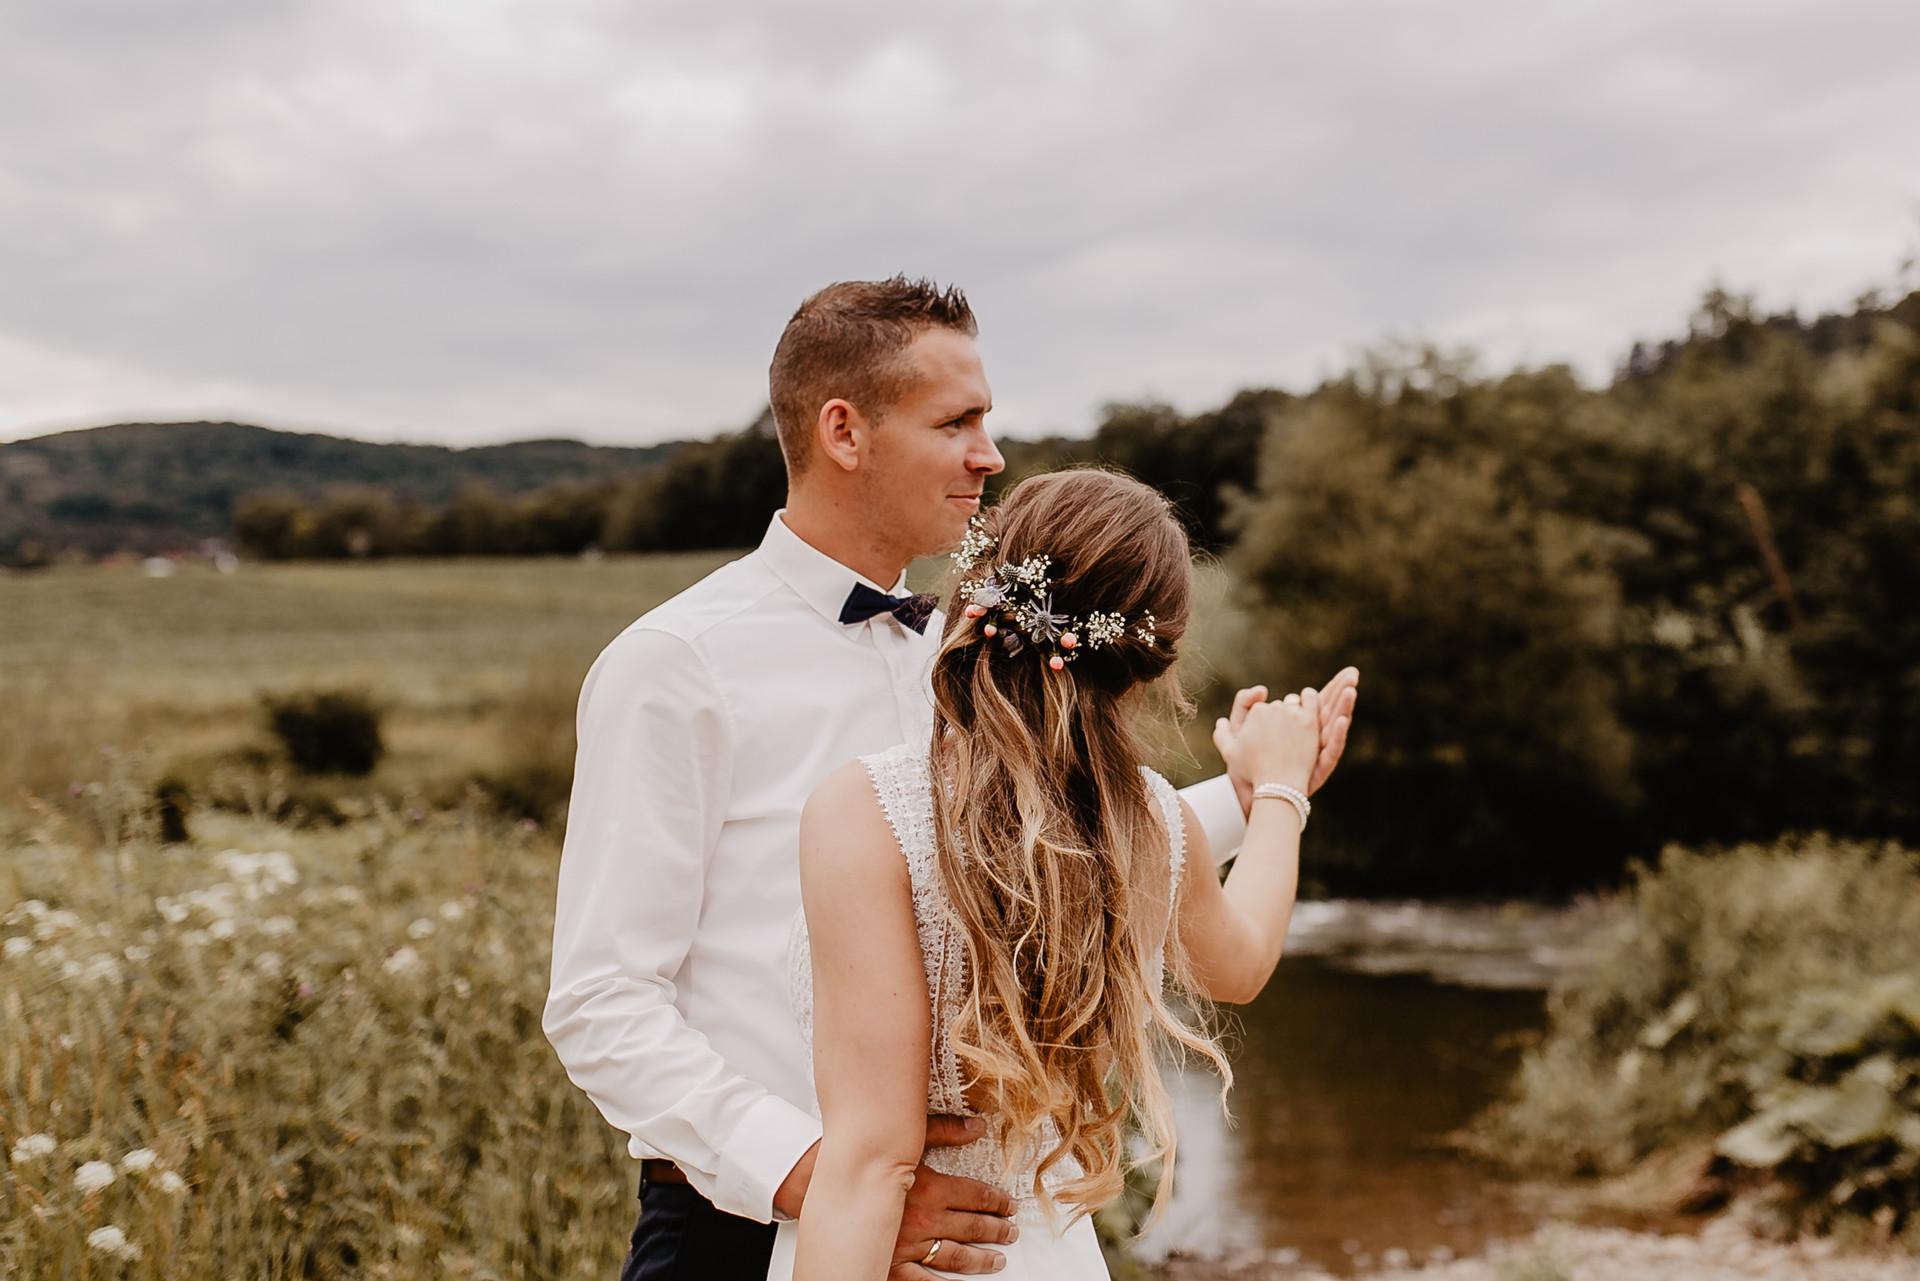 Hochzeit_Insul_Keulers_Lichtliebe_46.JPG